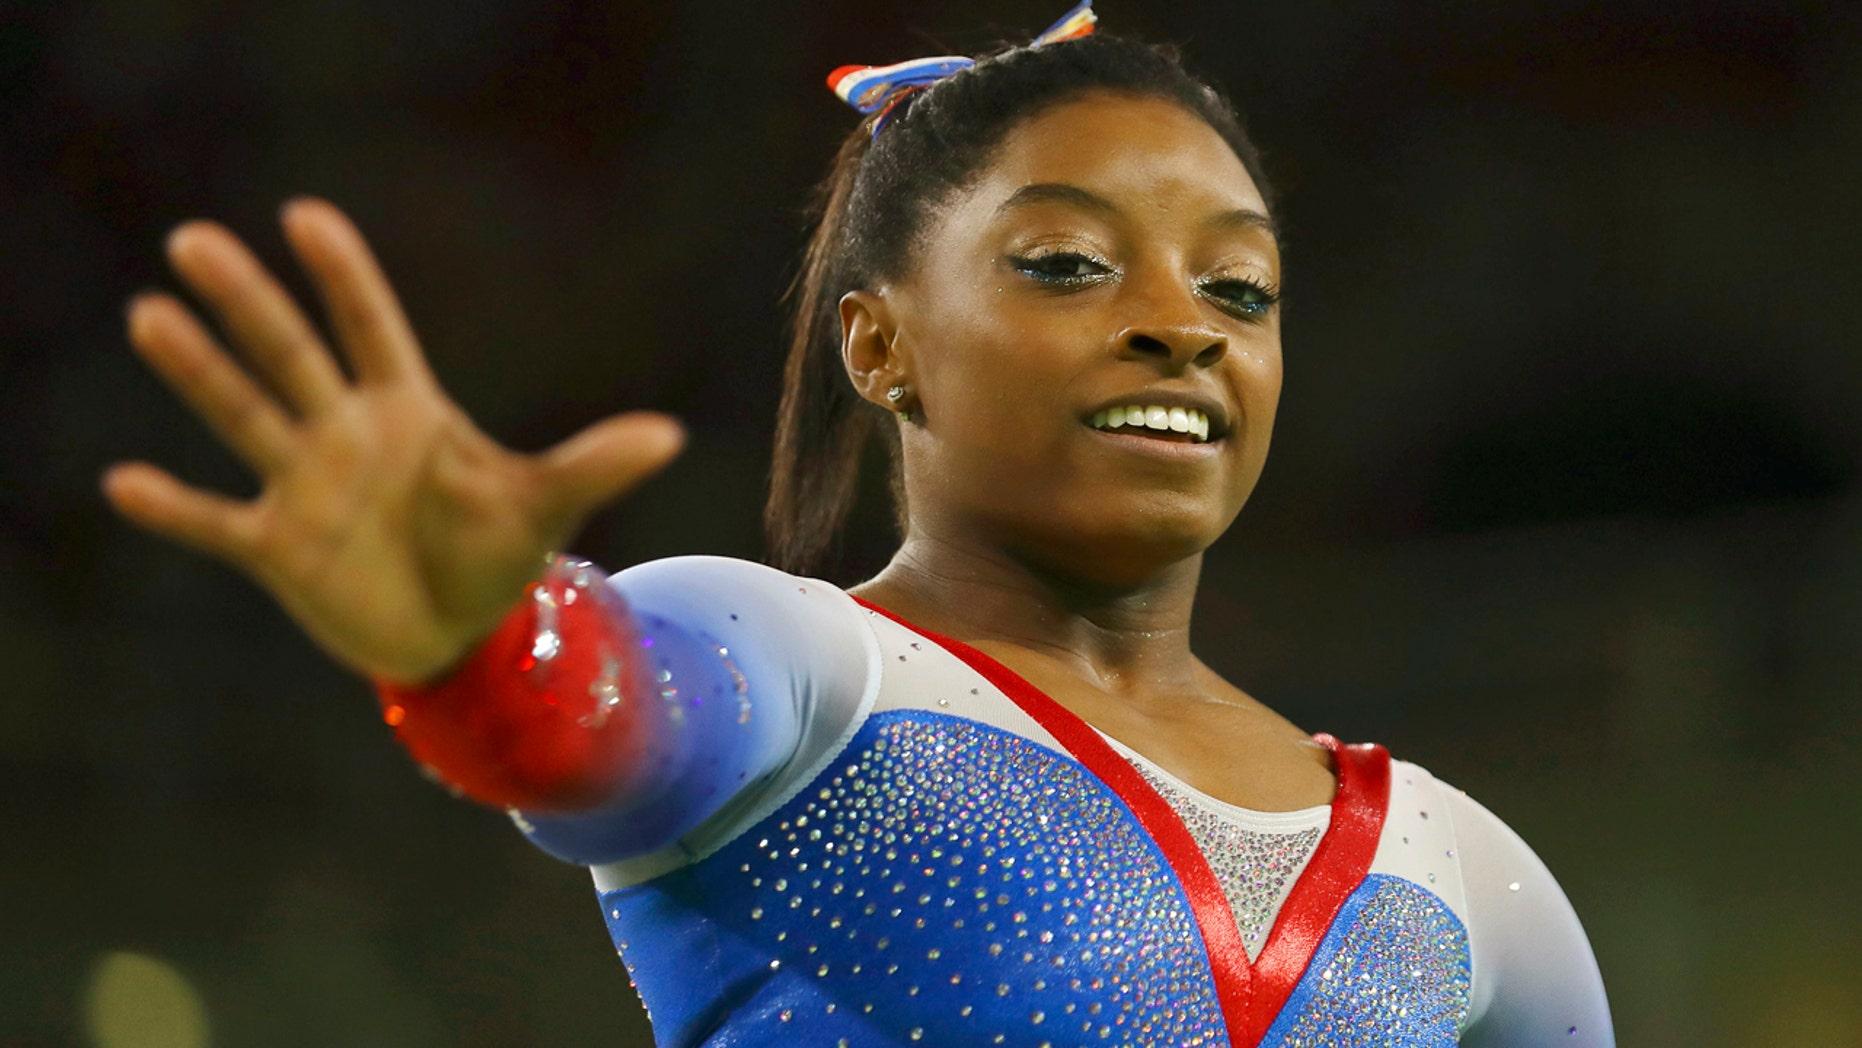 Simone Biles won four gold medals at the 2016 Rio de Janeiro Olympics.